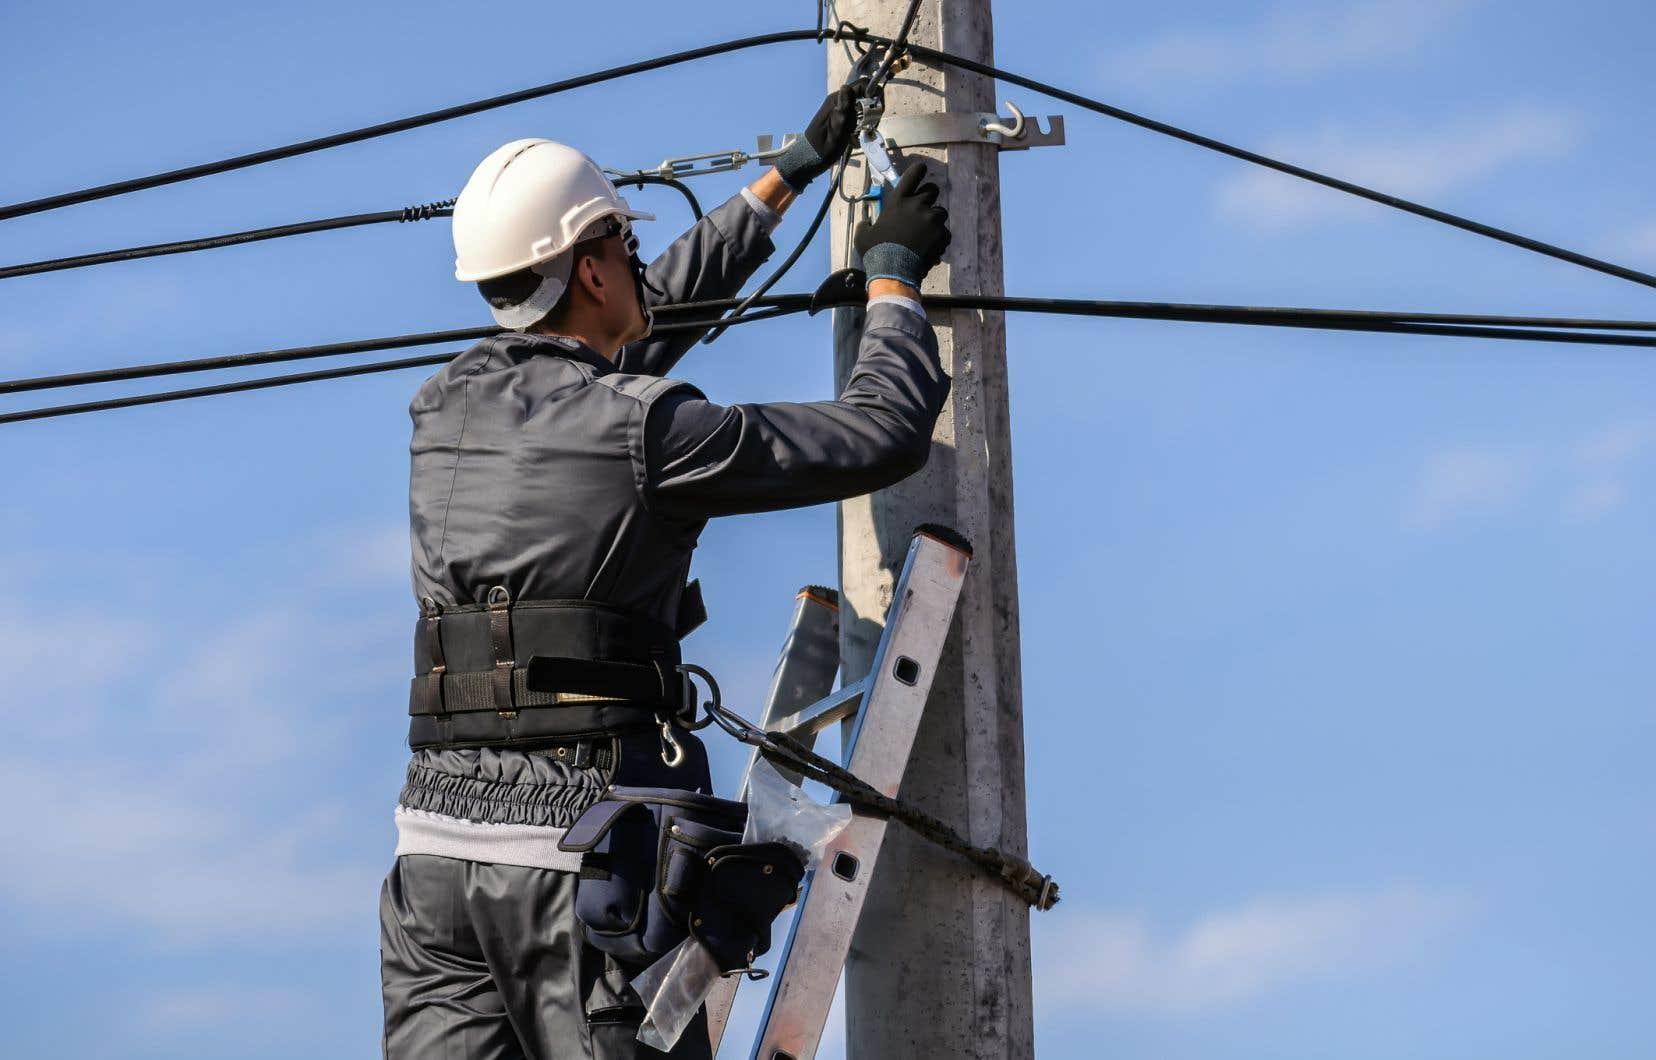 Une part importante des câbles de fibre optique sont construits et installés à grands frais à l'aide de fonds publics, pour ensuite être utilisés par des fournisseurs d'accès Internet privés, souligne l'auteur.